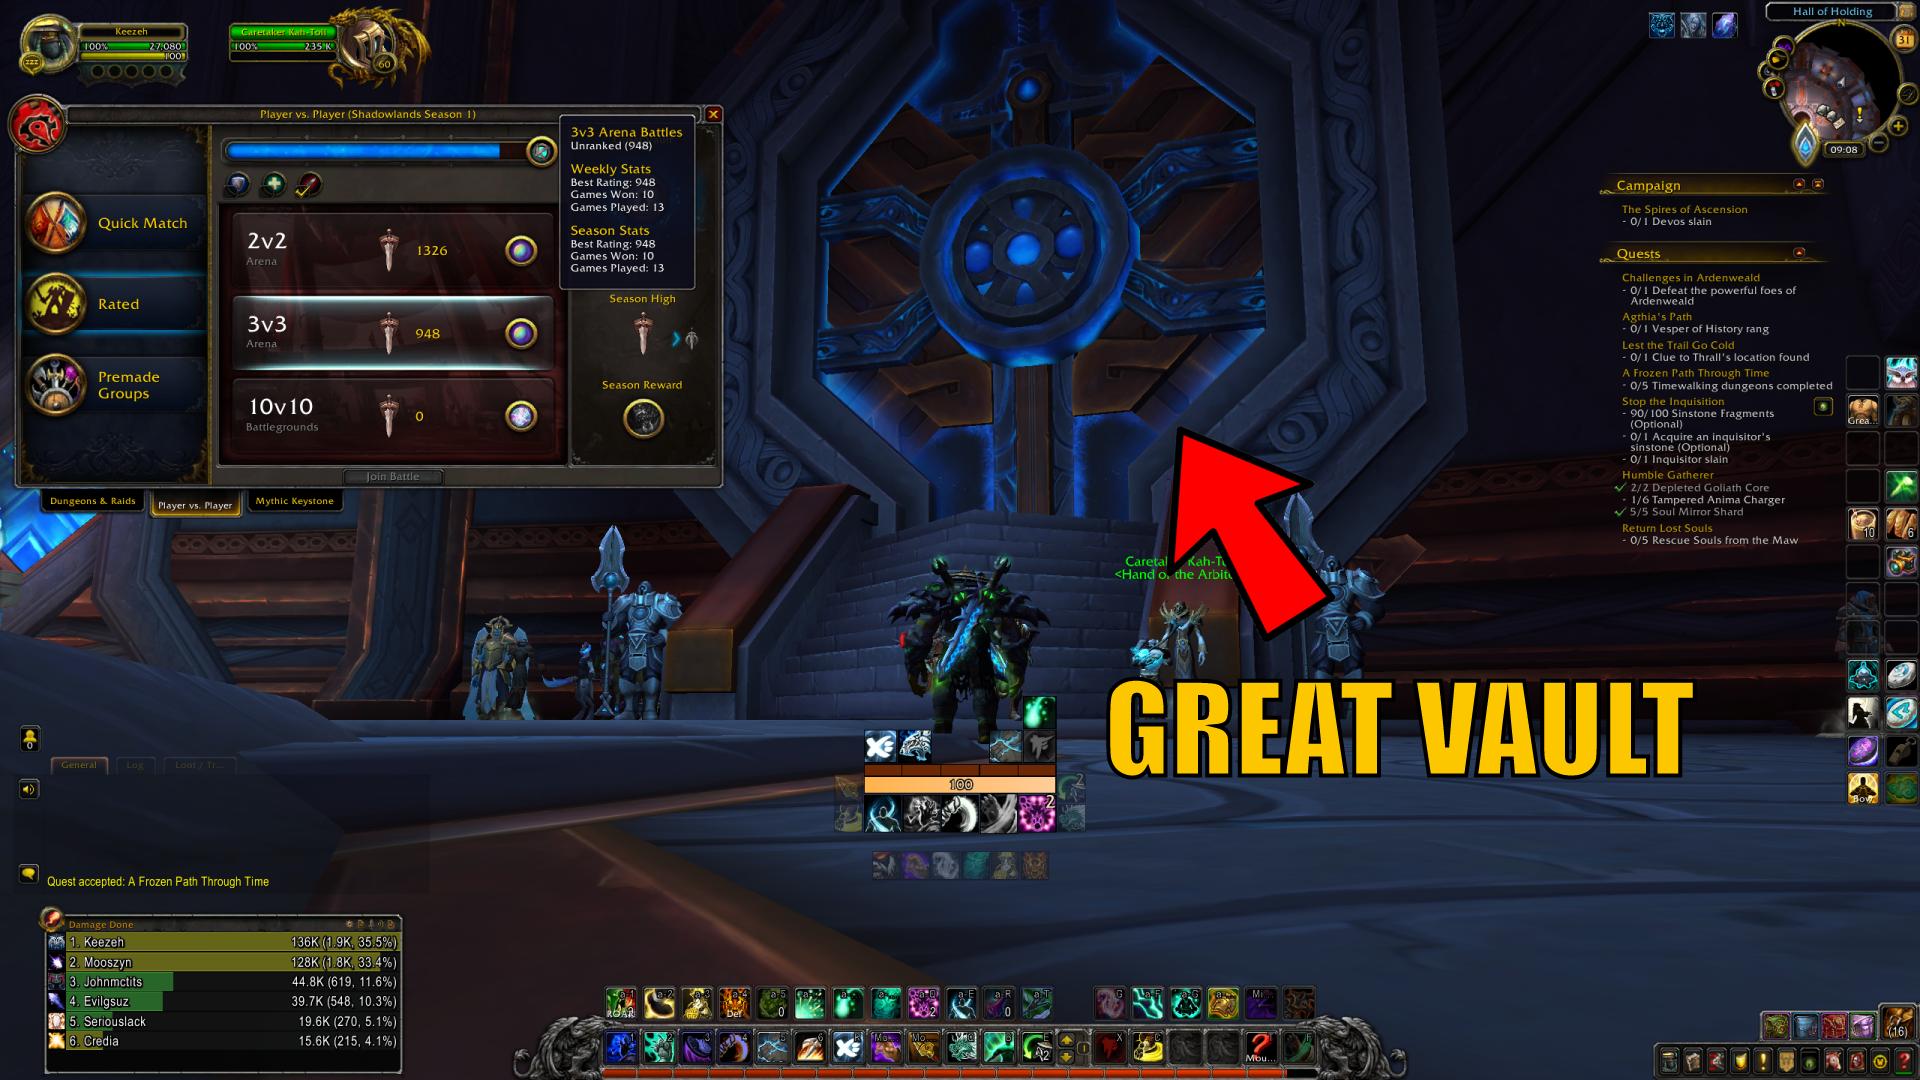 WoW Great Vault